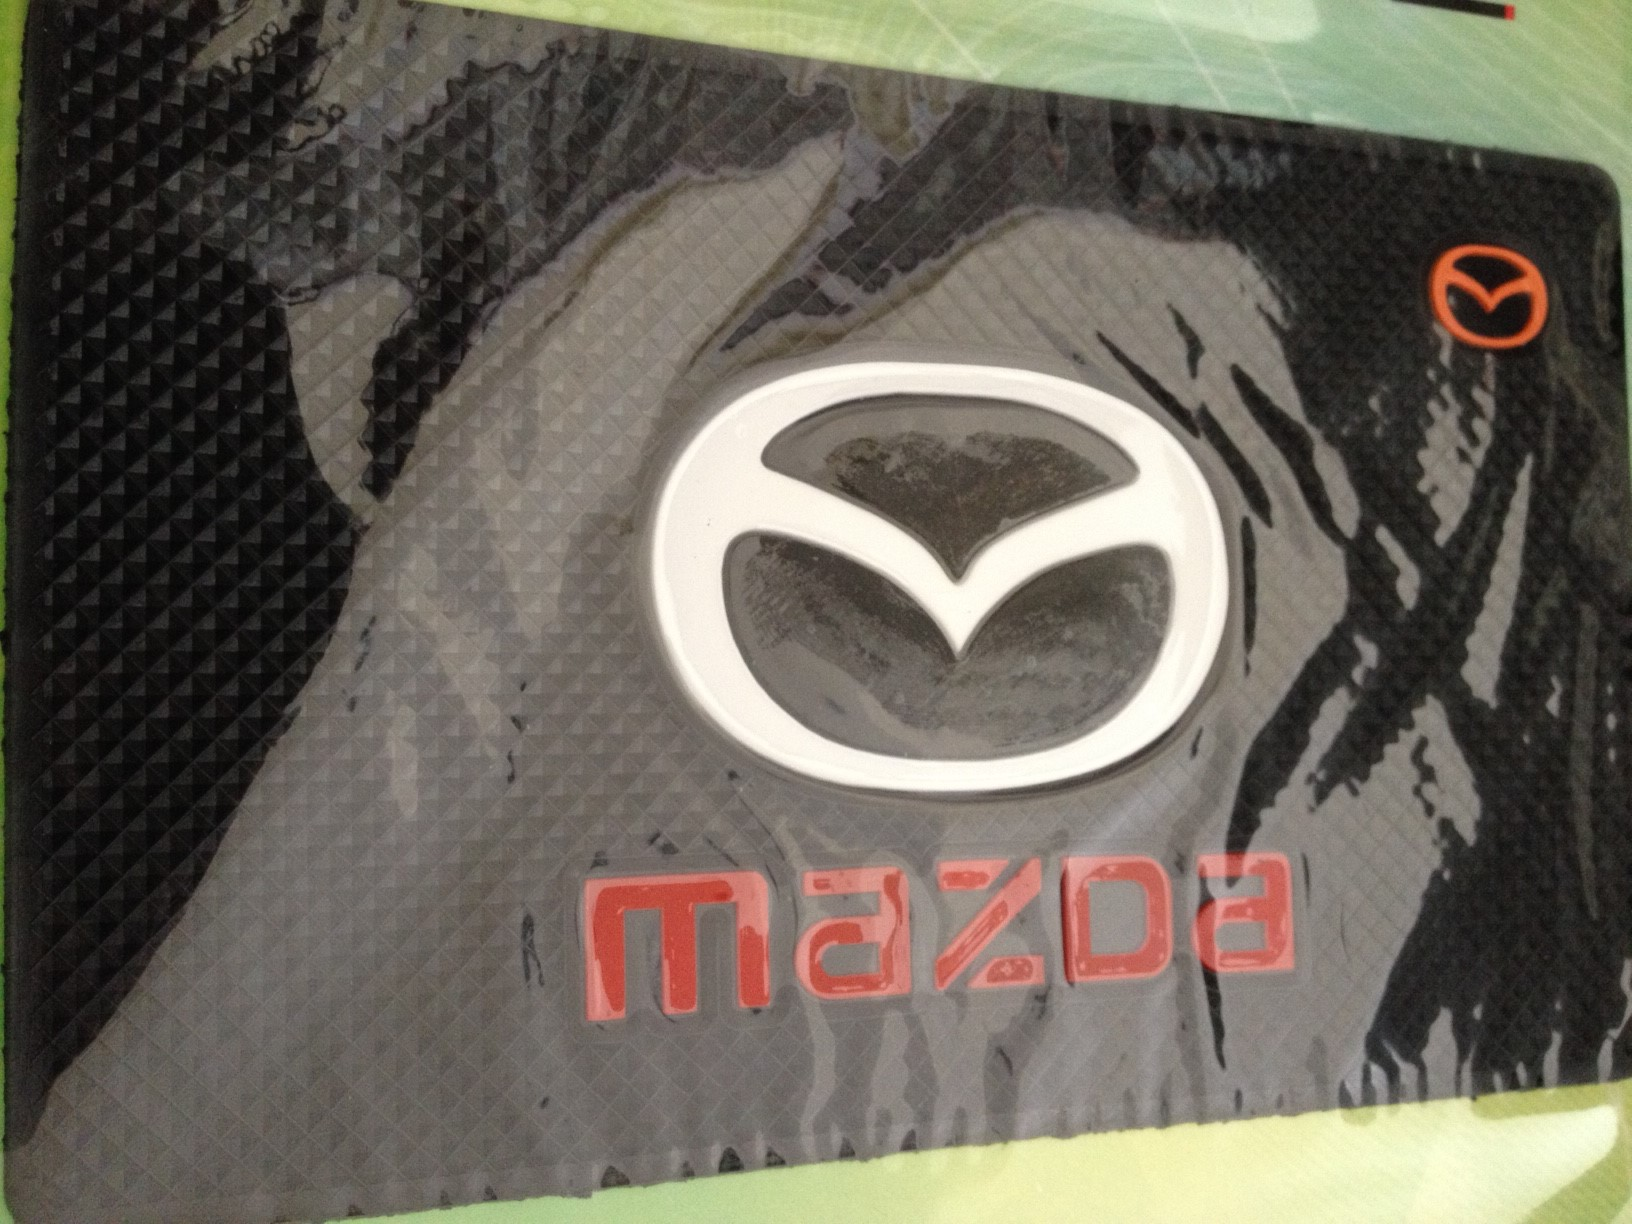 พรมกันลื่น ตรา Mazda ขนาด 11.5x18,5 cm